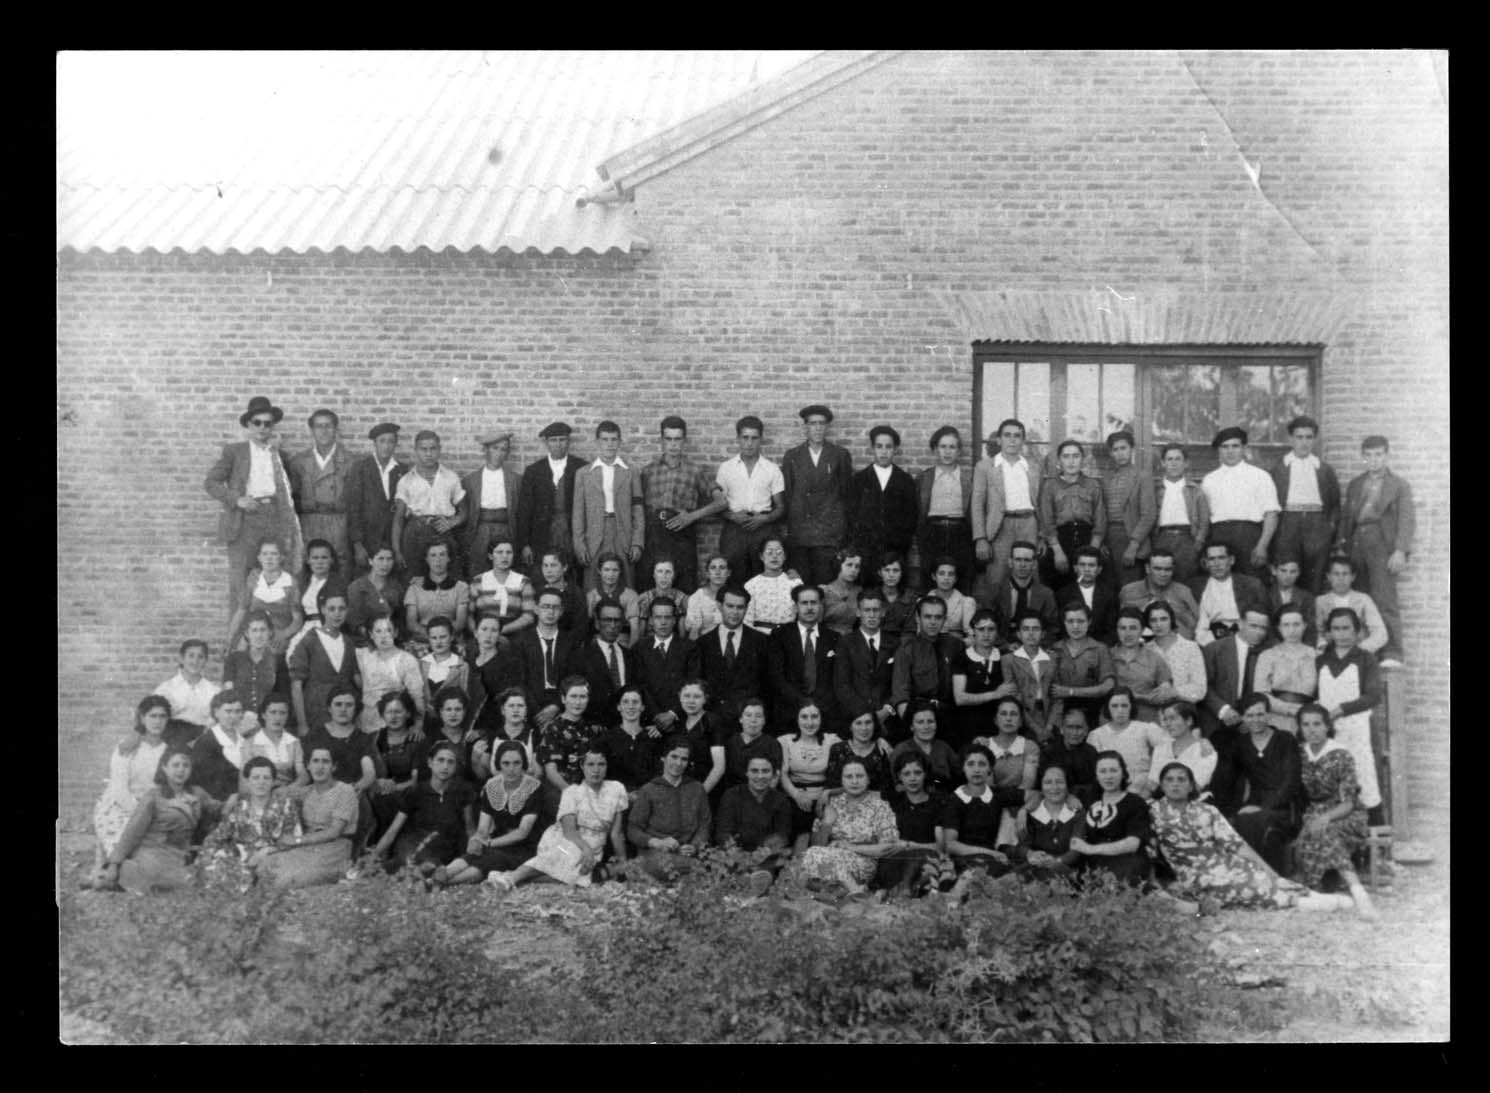 Trabajadores de la fábrica de calzado de Teodoro Jiménez posando ante una de las paredes de la fábrica en Peñaranda de Bracamonte